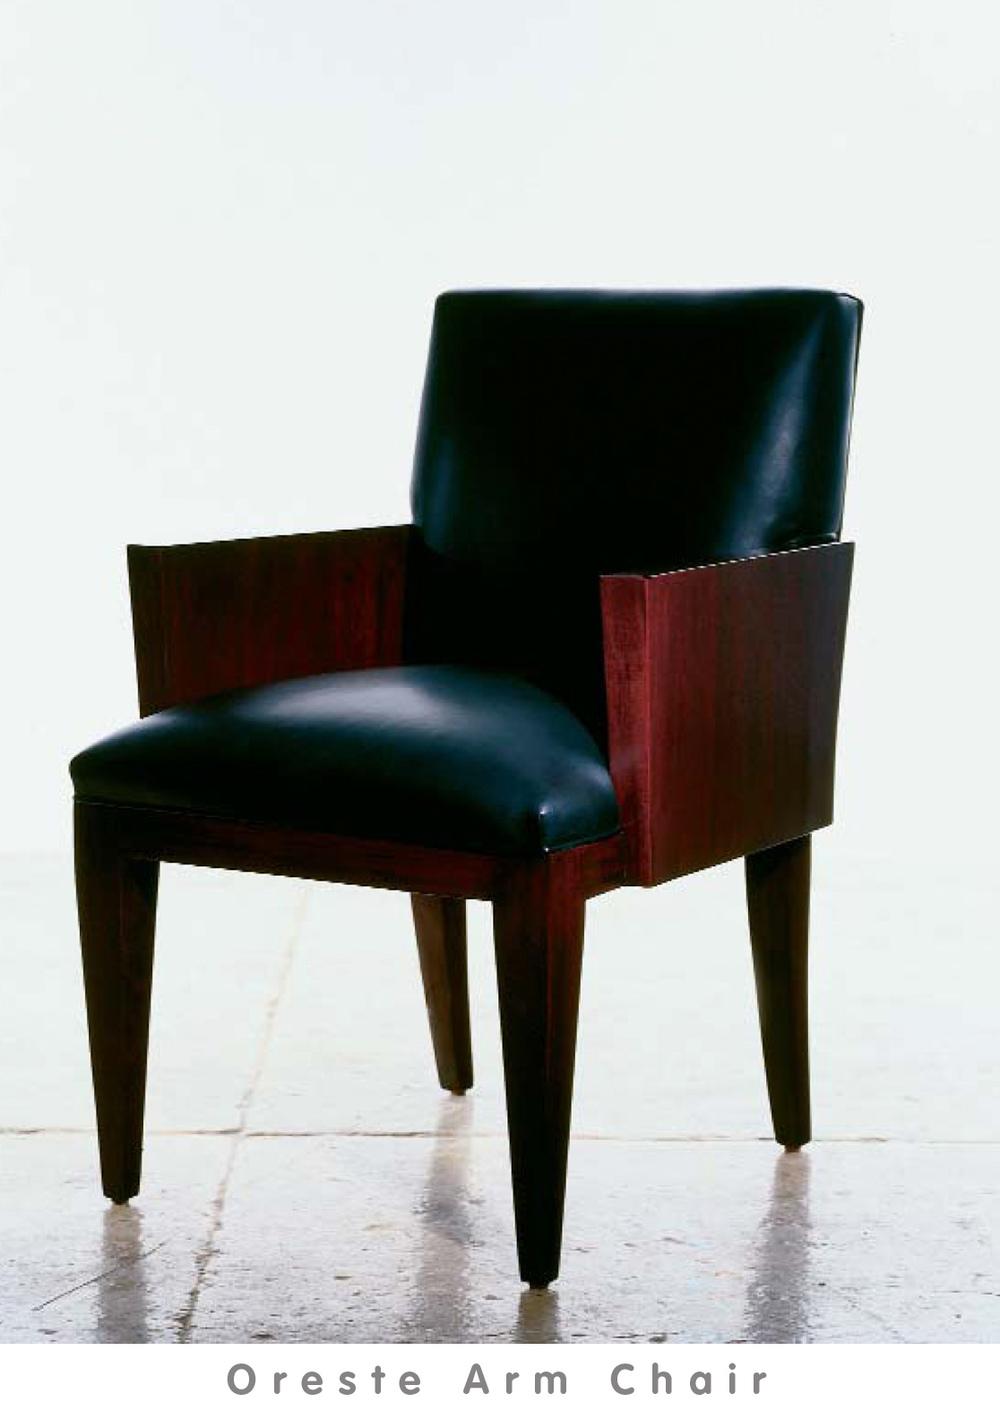 Oreste Arm Chair